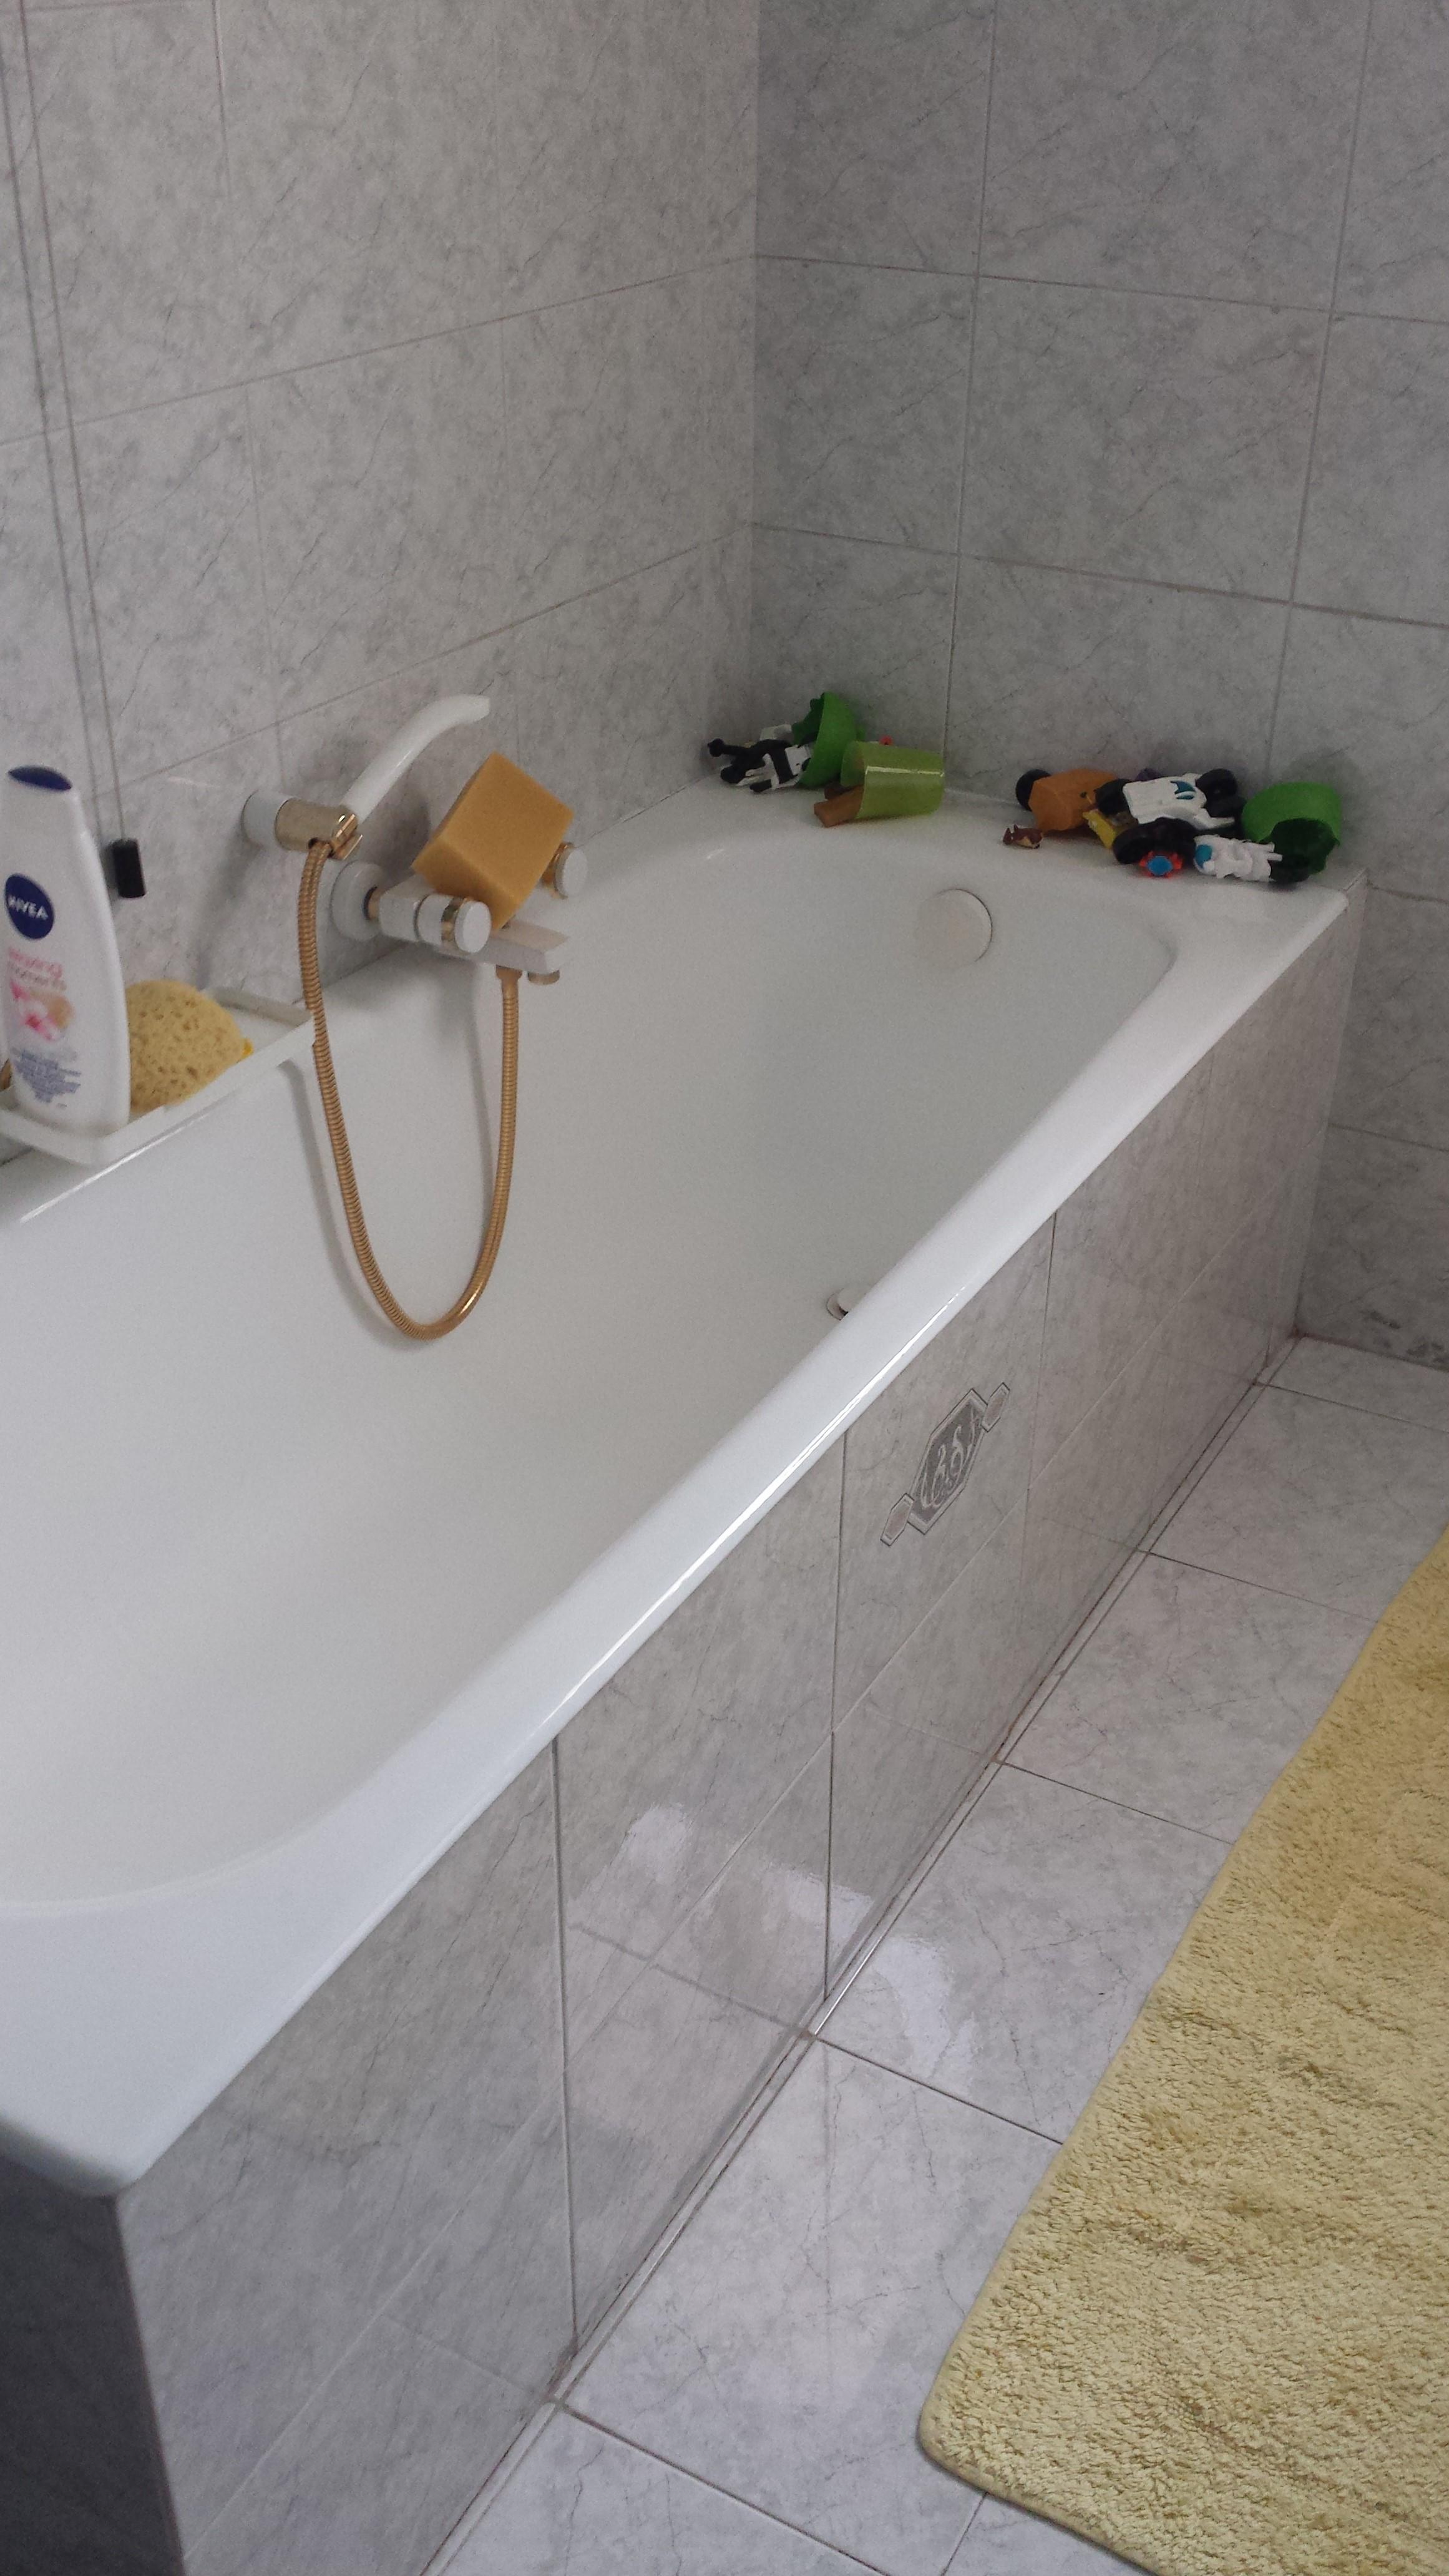 Cambiare Vasca Da Bagno.Idraulica Pelamatti Trasformazione Vasca In Doccia Lavori